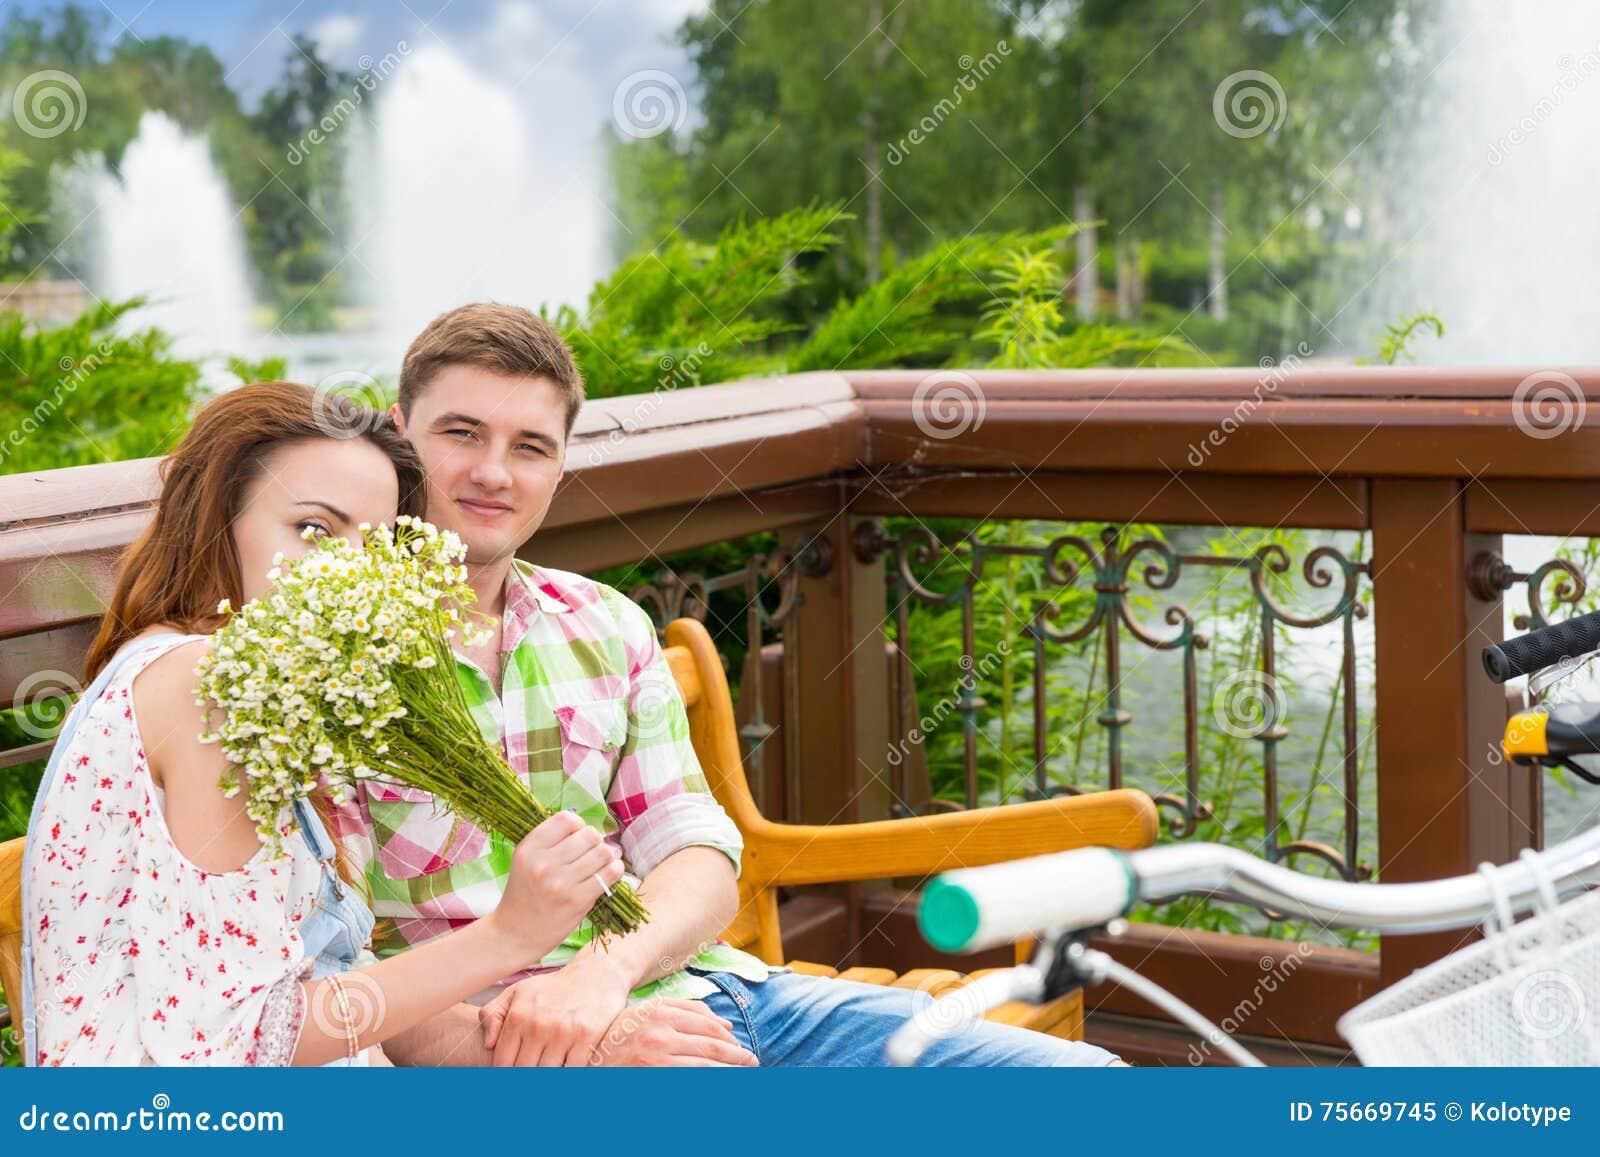 El oler femenino de Youg florece mientras que se sienta en un banco con un muchacho